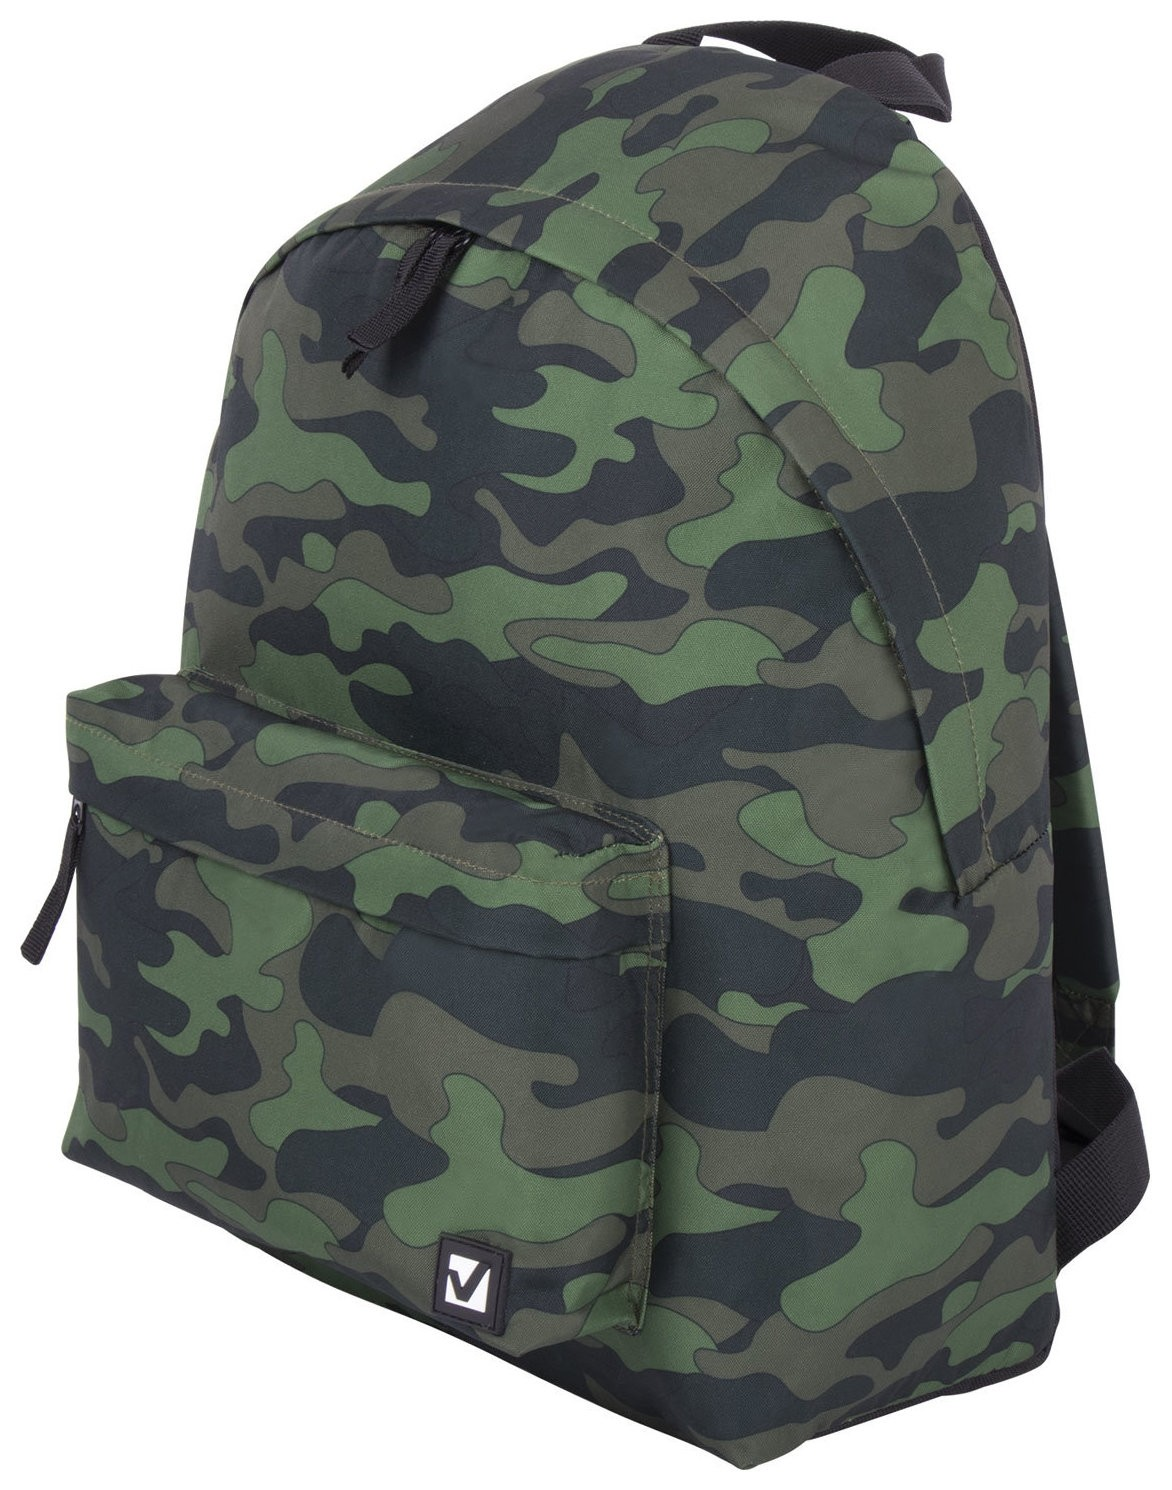 Рюкзак BRAUBERG, универсальный, сити-формат, Зеленый камуфляж, 20 литров, 41х32х14 см Brauberg